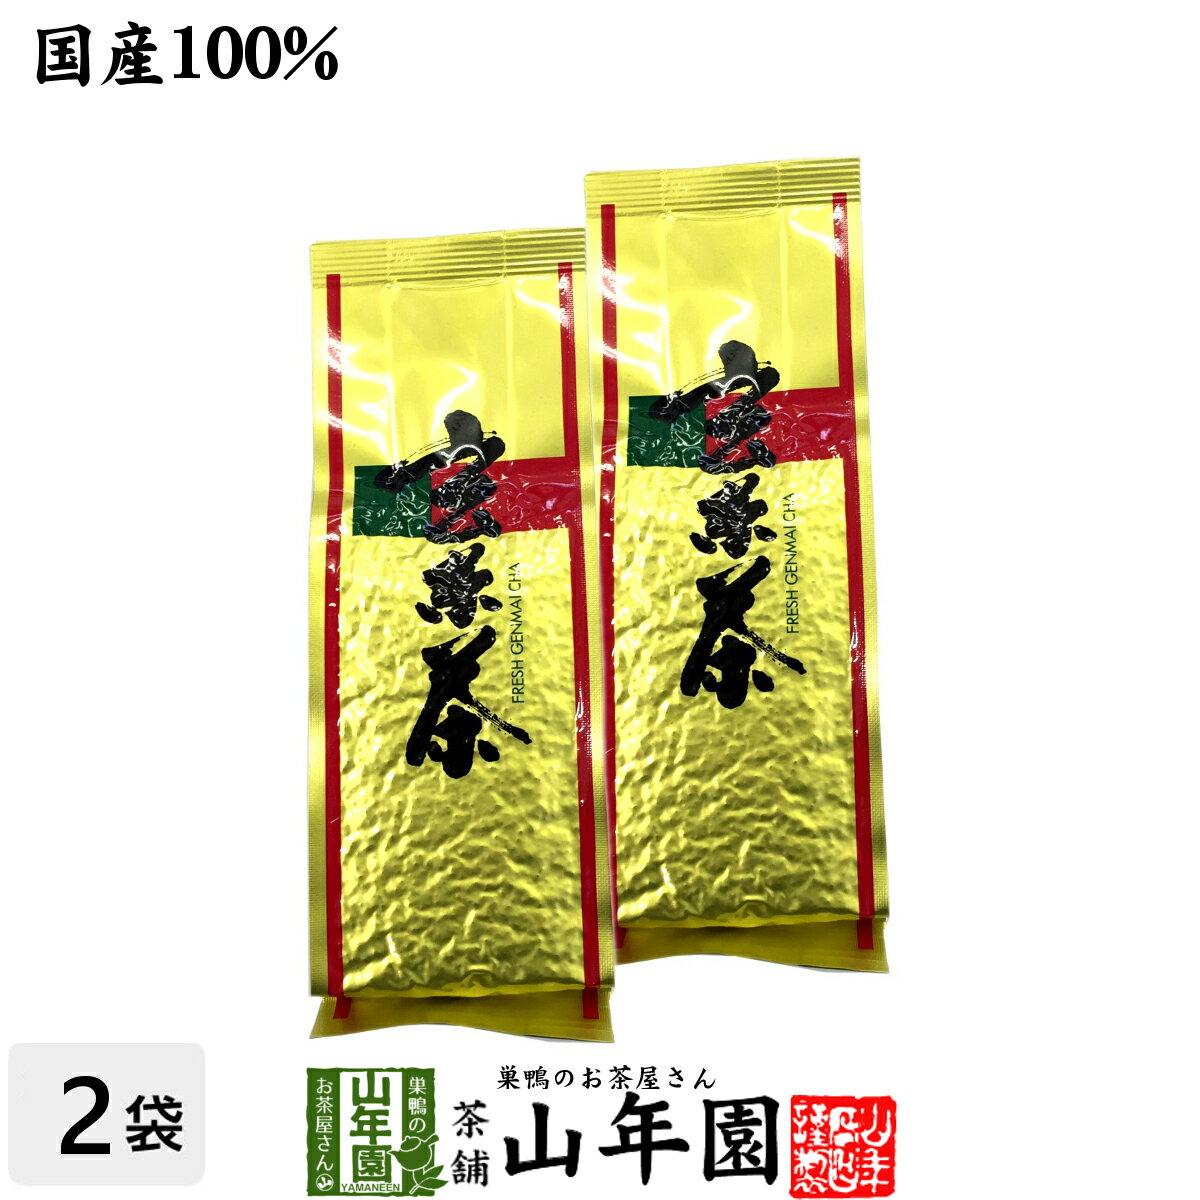 玄米茶 国産 お茶 茶葉 黒豆入り玄米茶 200...の商品画像